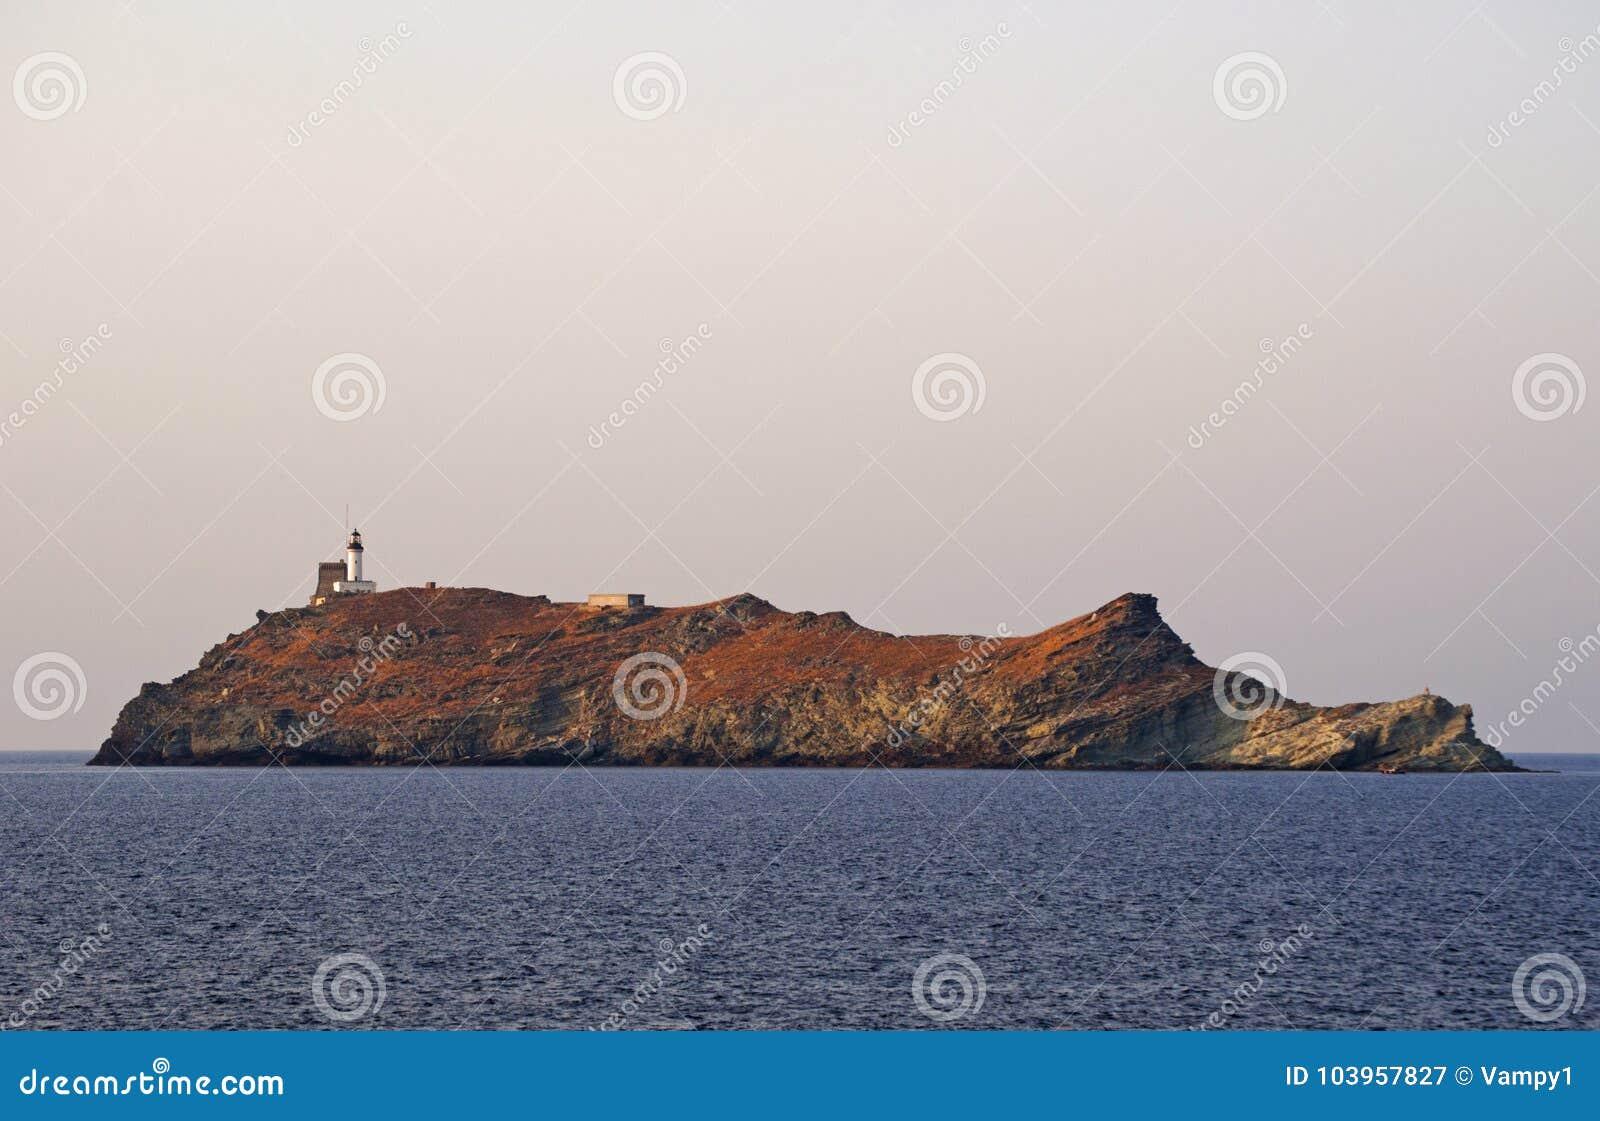 Ile de Ла Giraglia, остров Giraglia, маяк, Barcaggio, Ersa, крышка Corse, накидка Corse, haute-Corse, Корсика, Франция, Европа